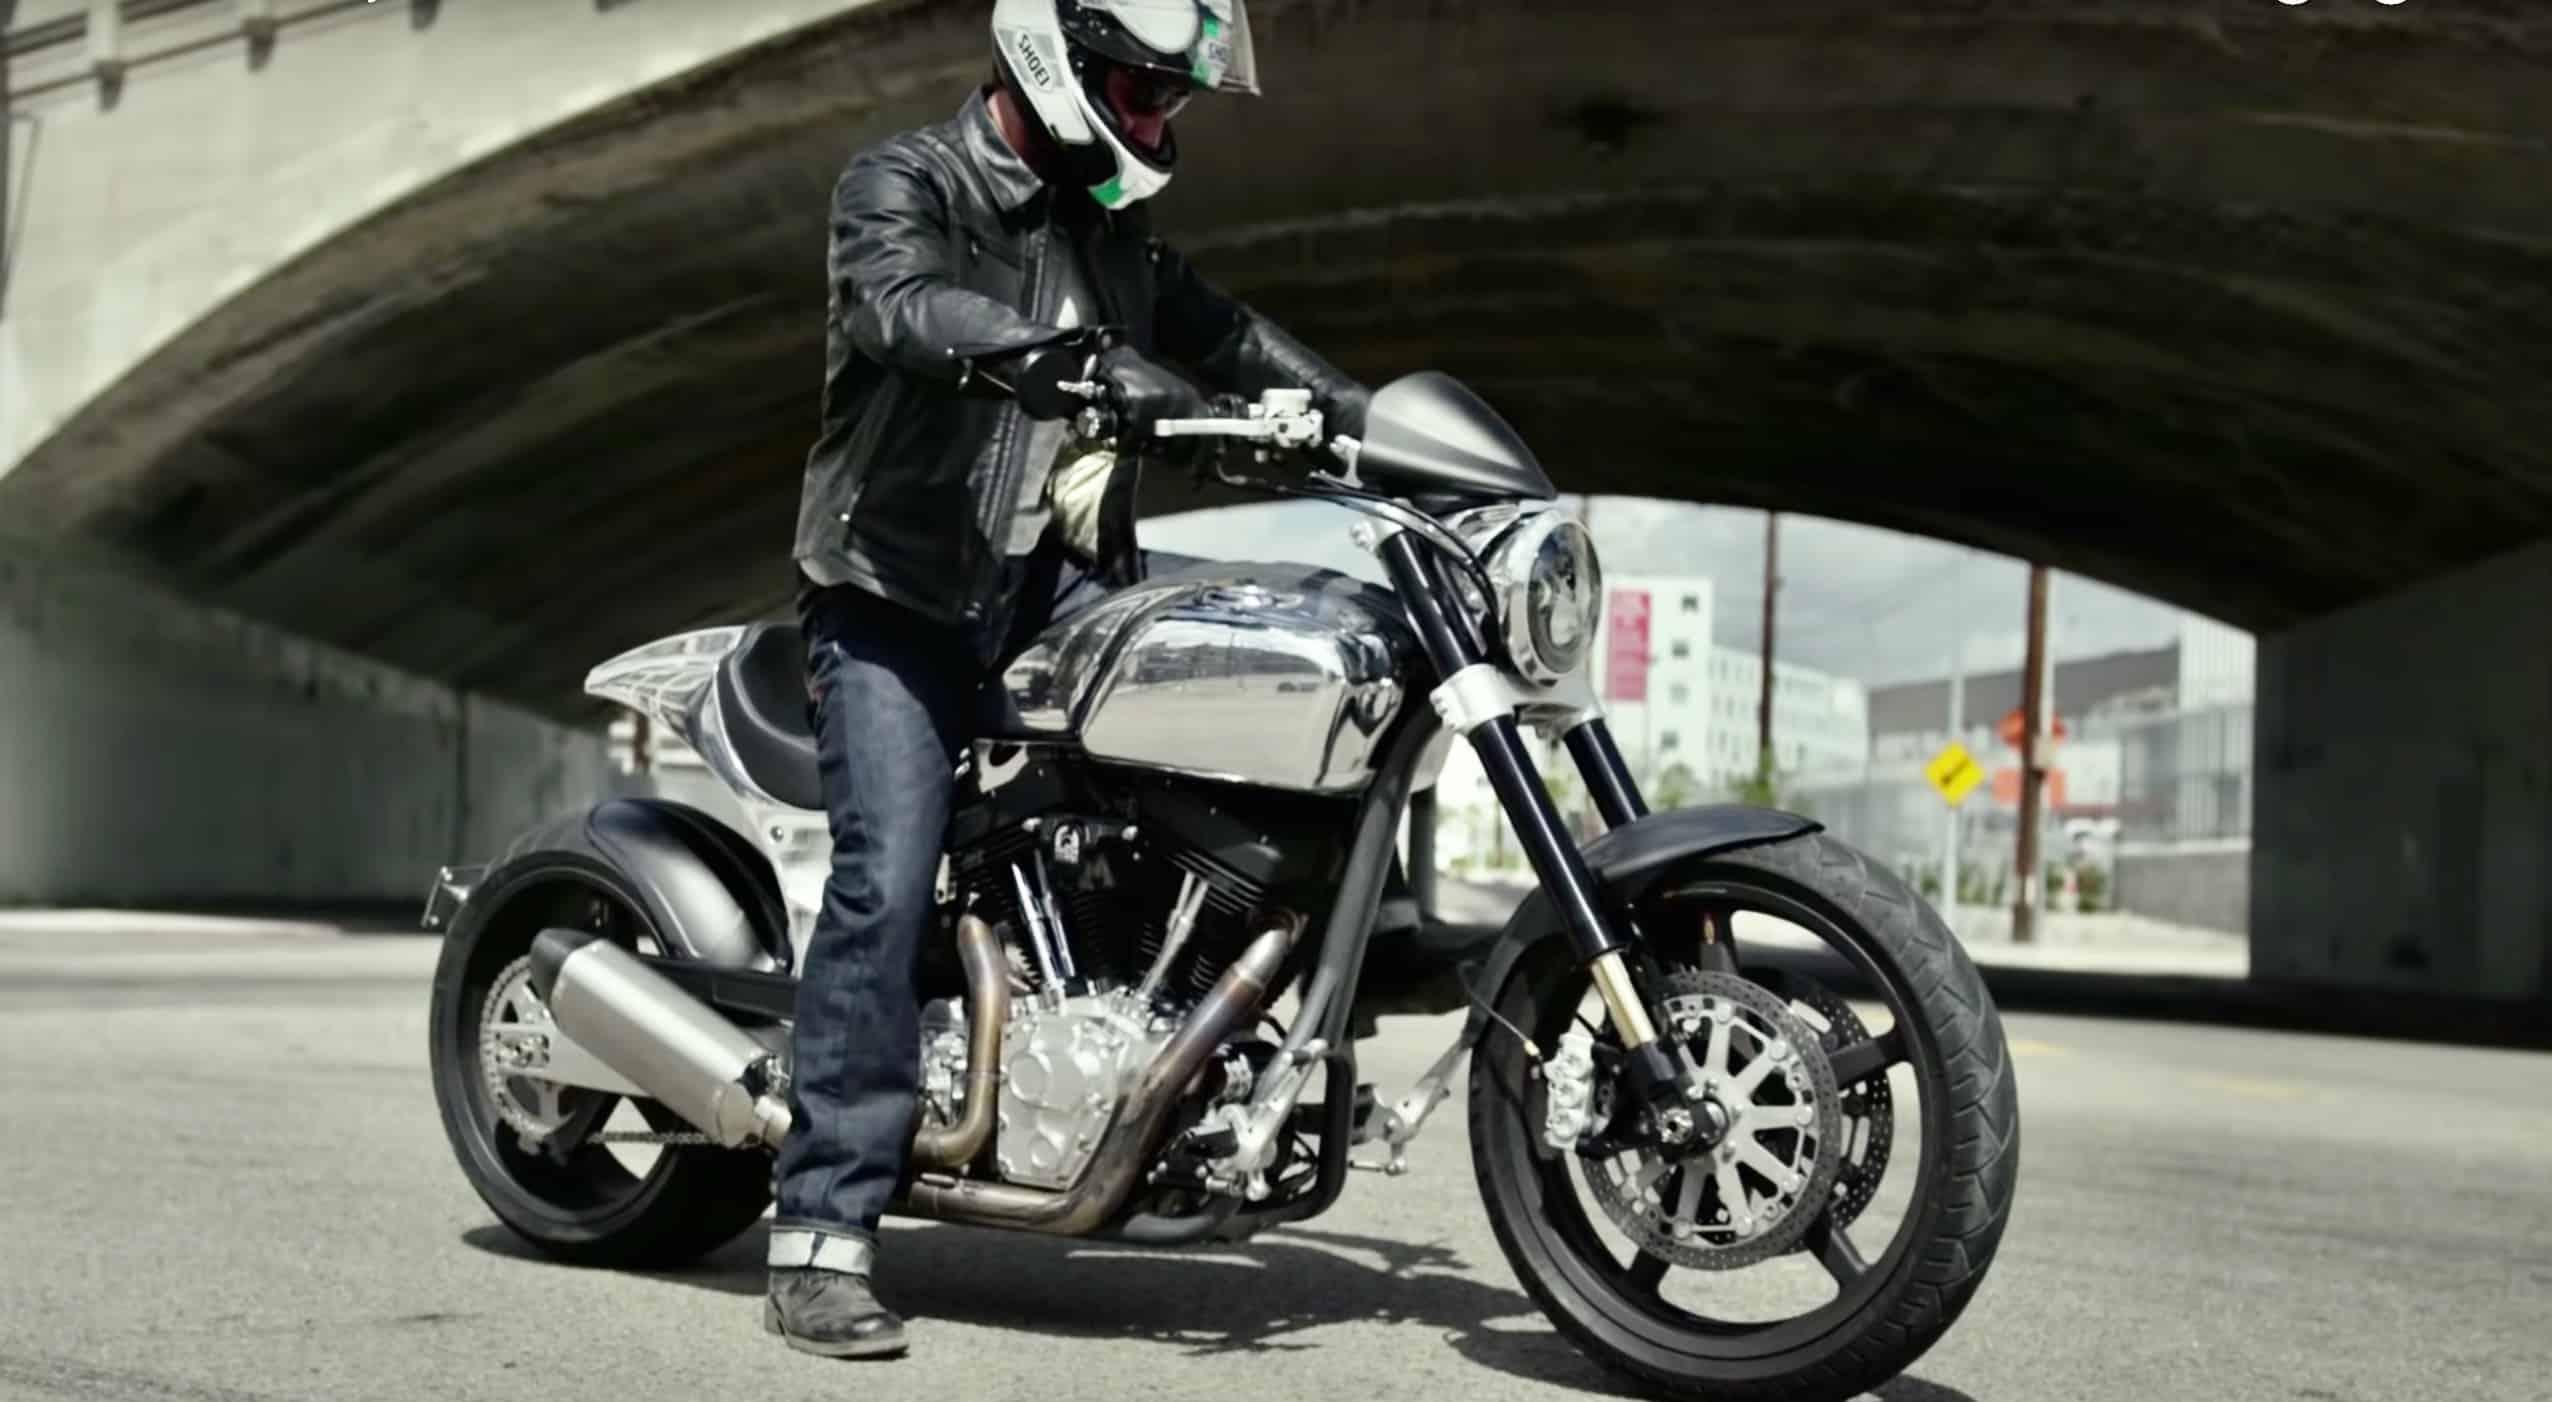 Conoce ARCH Motorcycle, la compañía de motos de Keanu Reeves